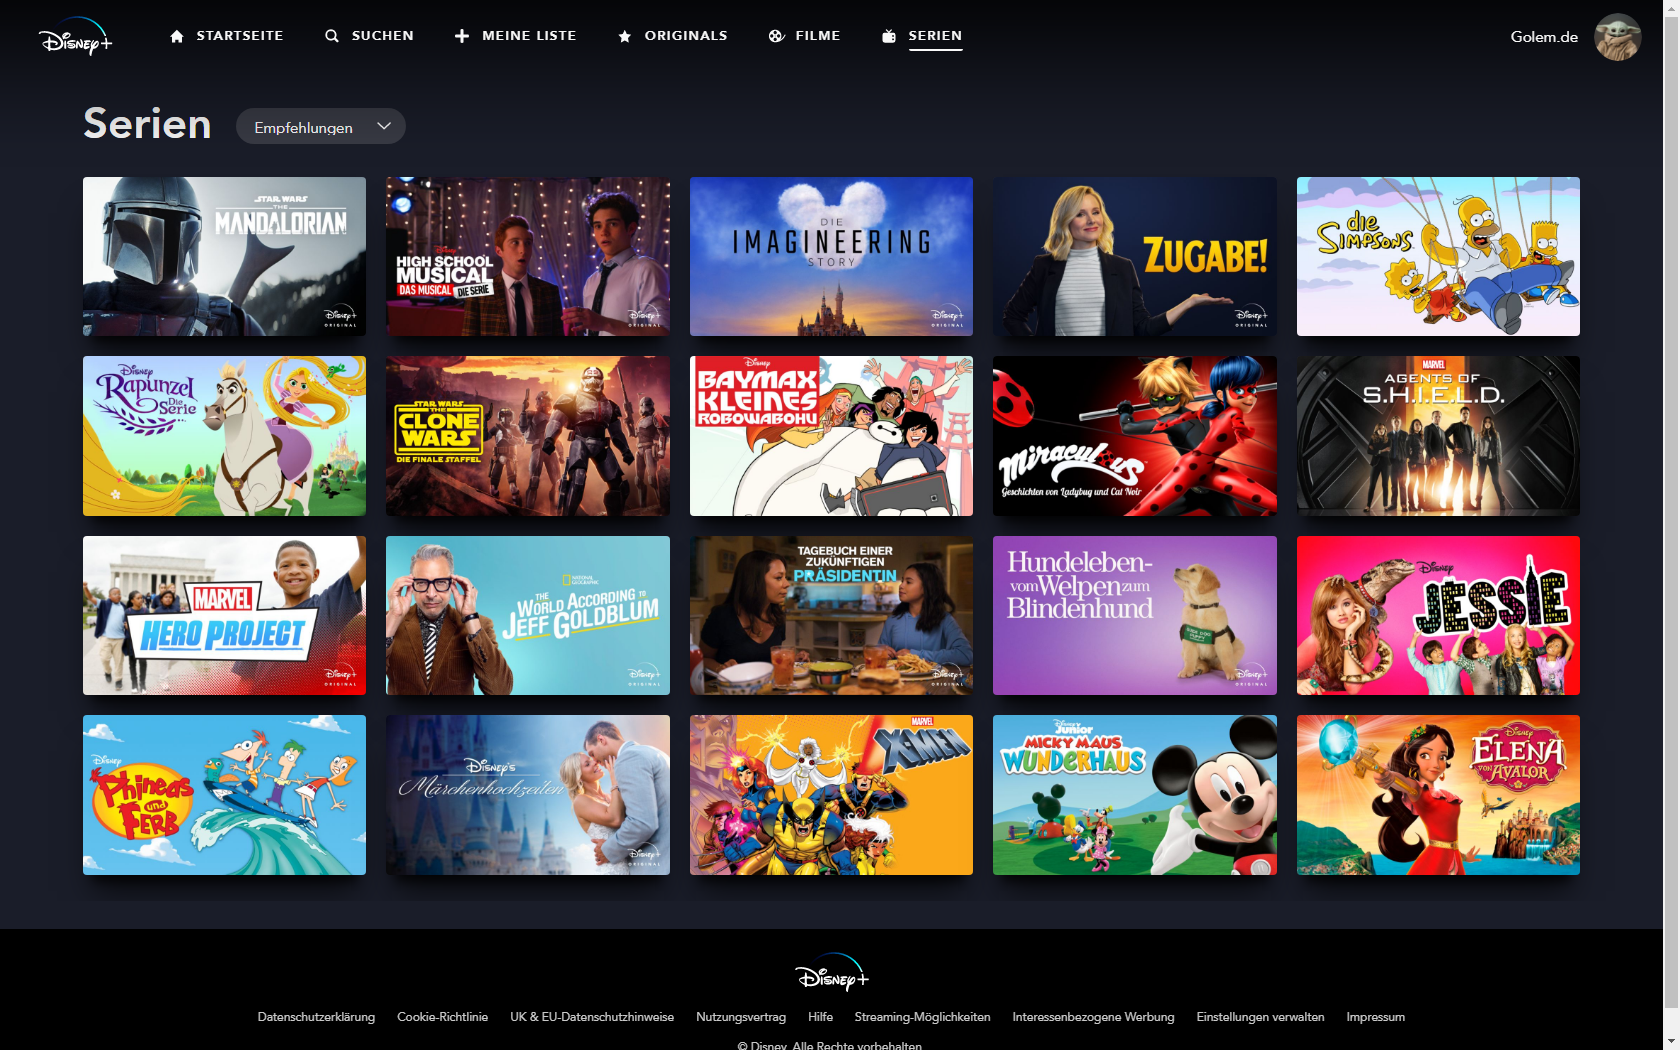 Konkurrenz für Netflix und Prime Video: Disney nennt Filme und Serien für Disney+ in Deutschland - Serienrubrik bei Disney+ (Bild: Disney+/Screenshot: Golem.de)